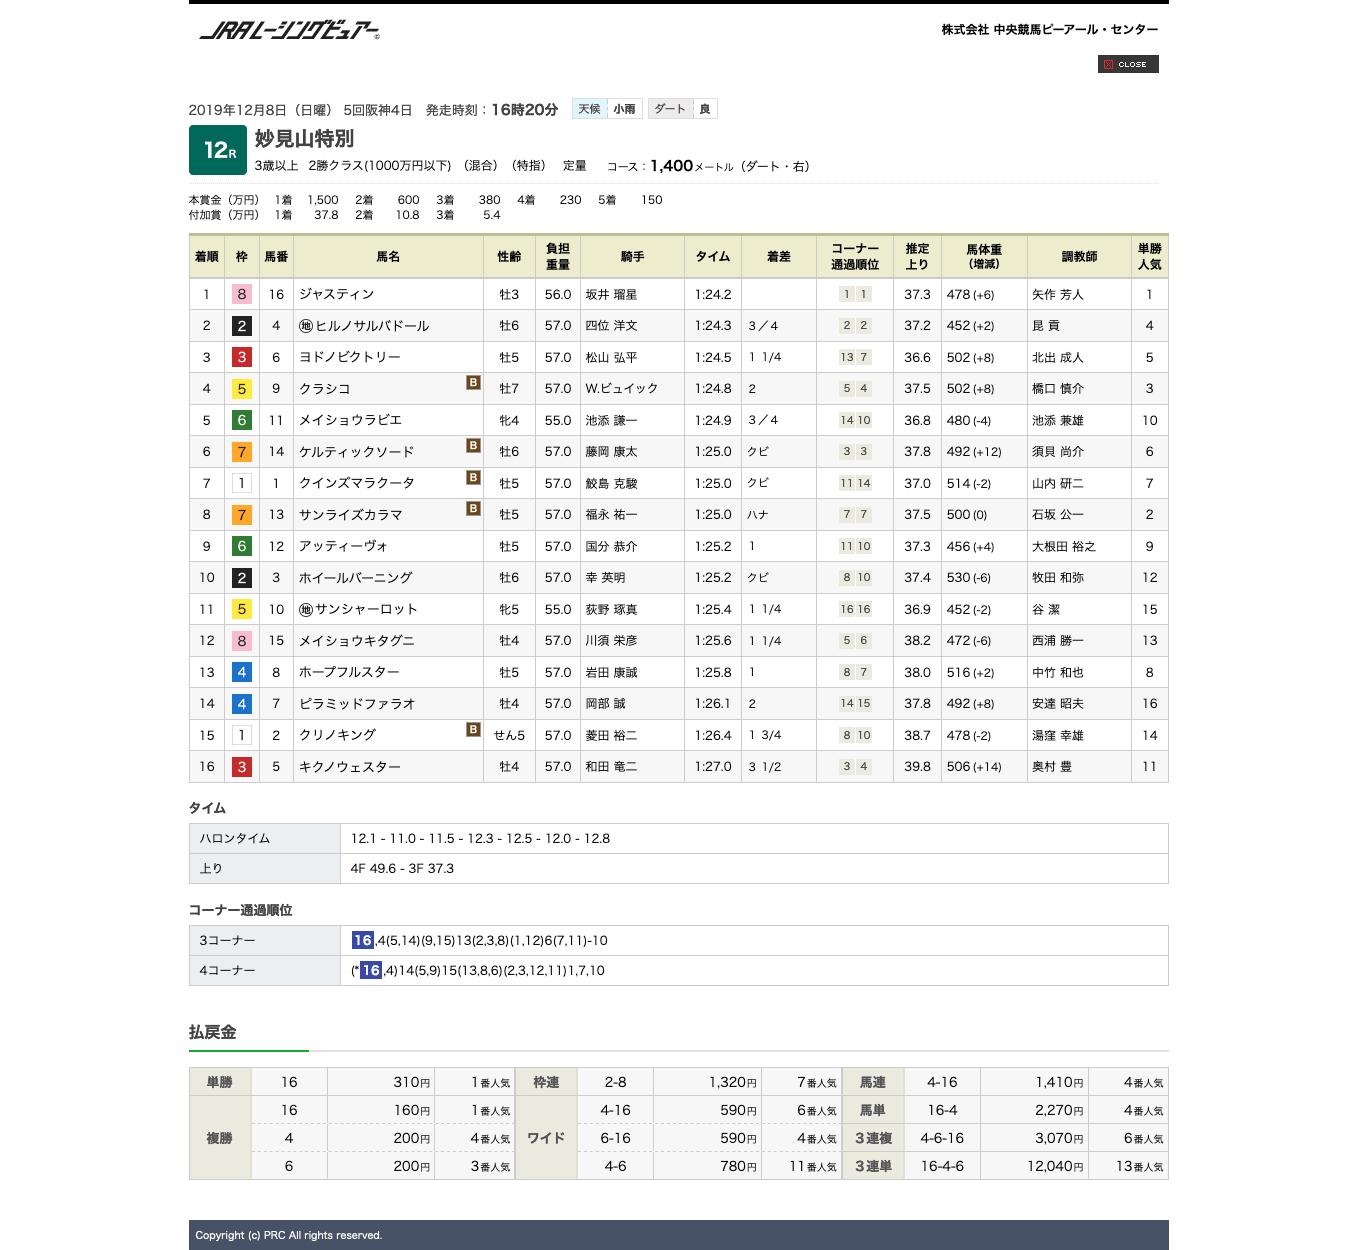 ジャスティン(オルフェーヴル産駒)が快速飛ばして3勝目